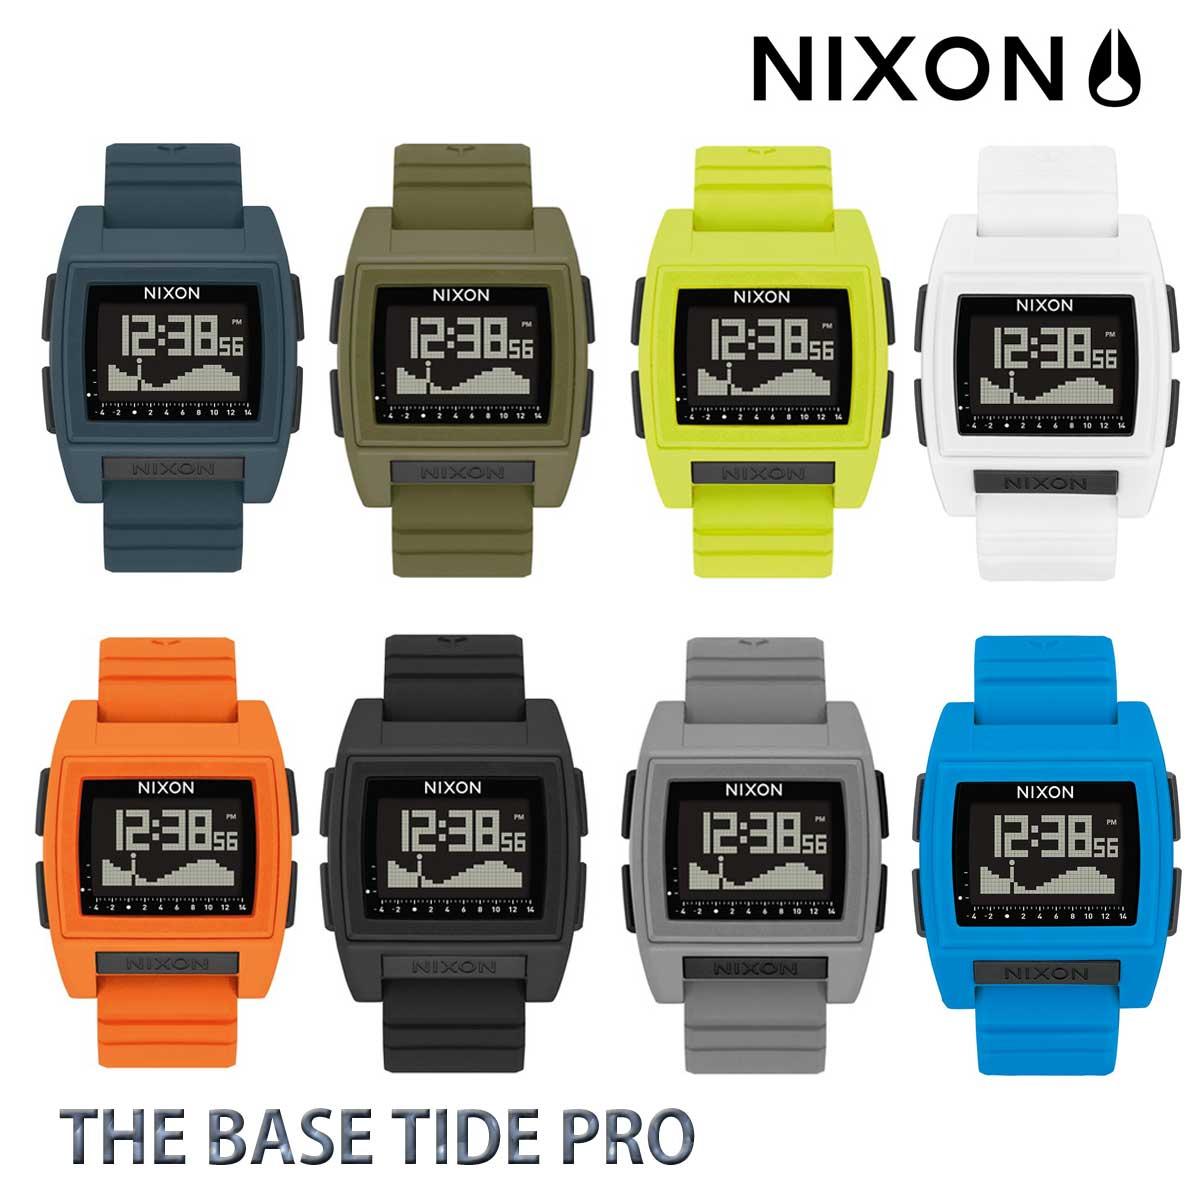 NIXON ニクソン 腕時計 THE BASE TIDE PRO/メンズ ベース タイド プロ 男性用 ウォッチ【RCP】